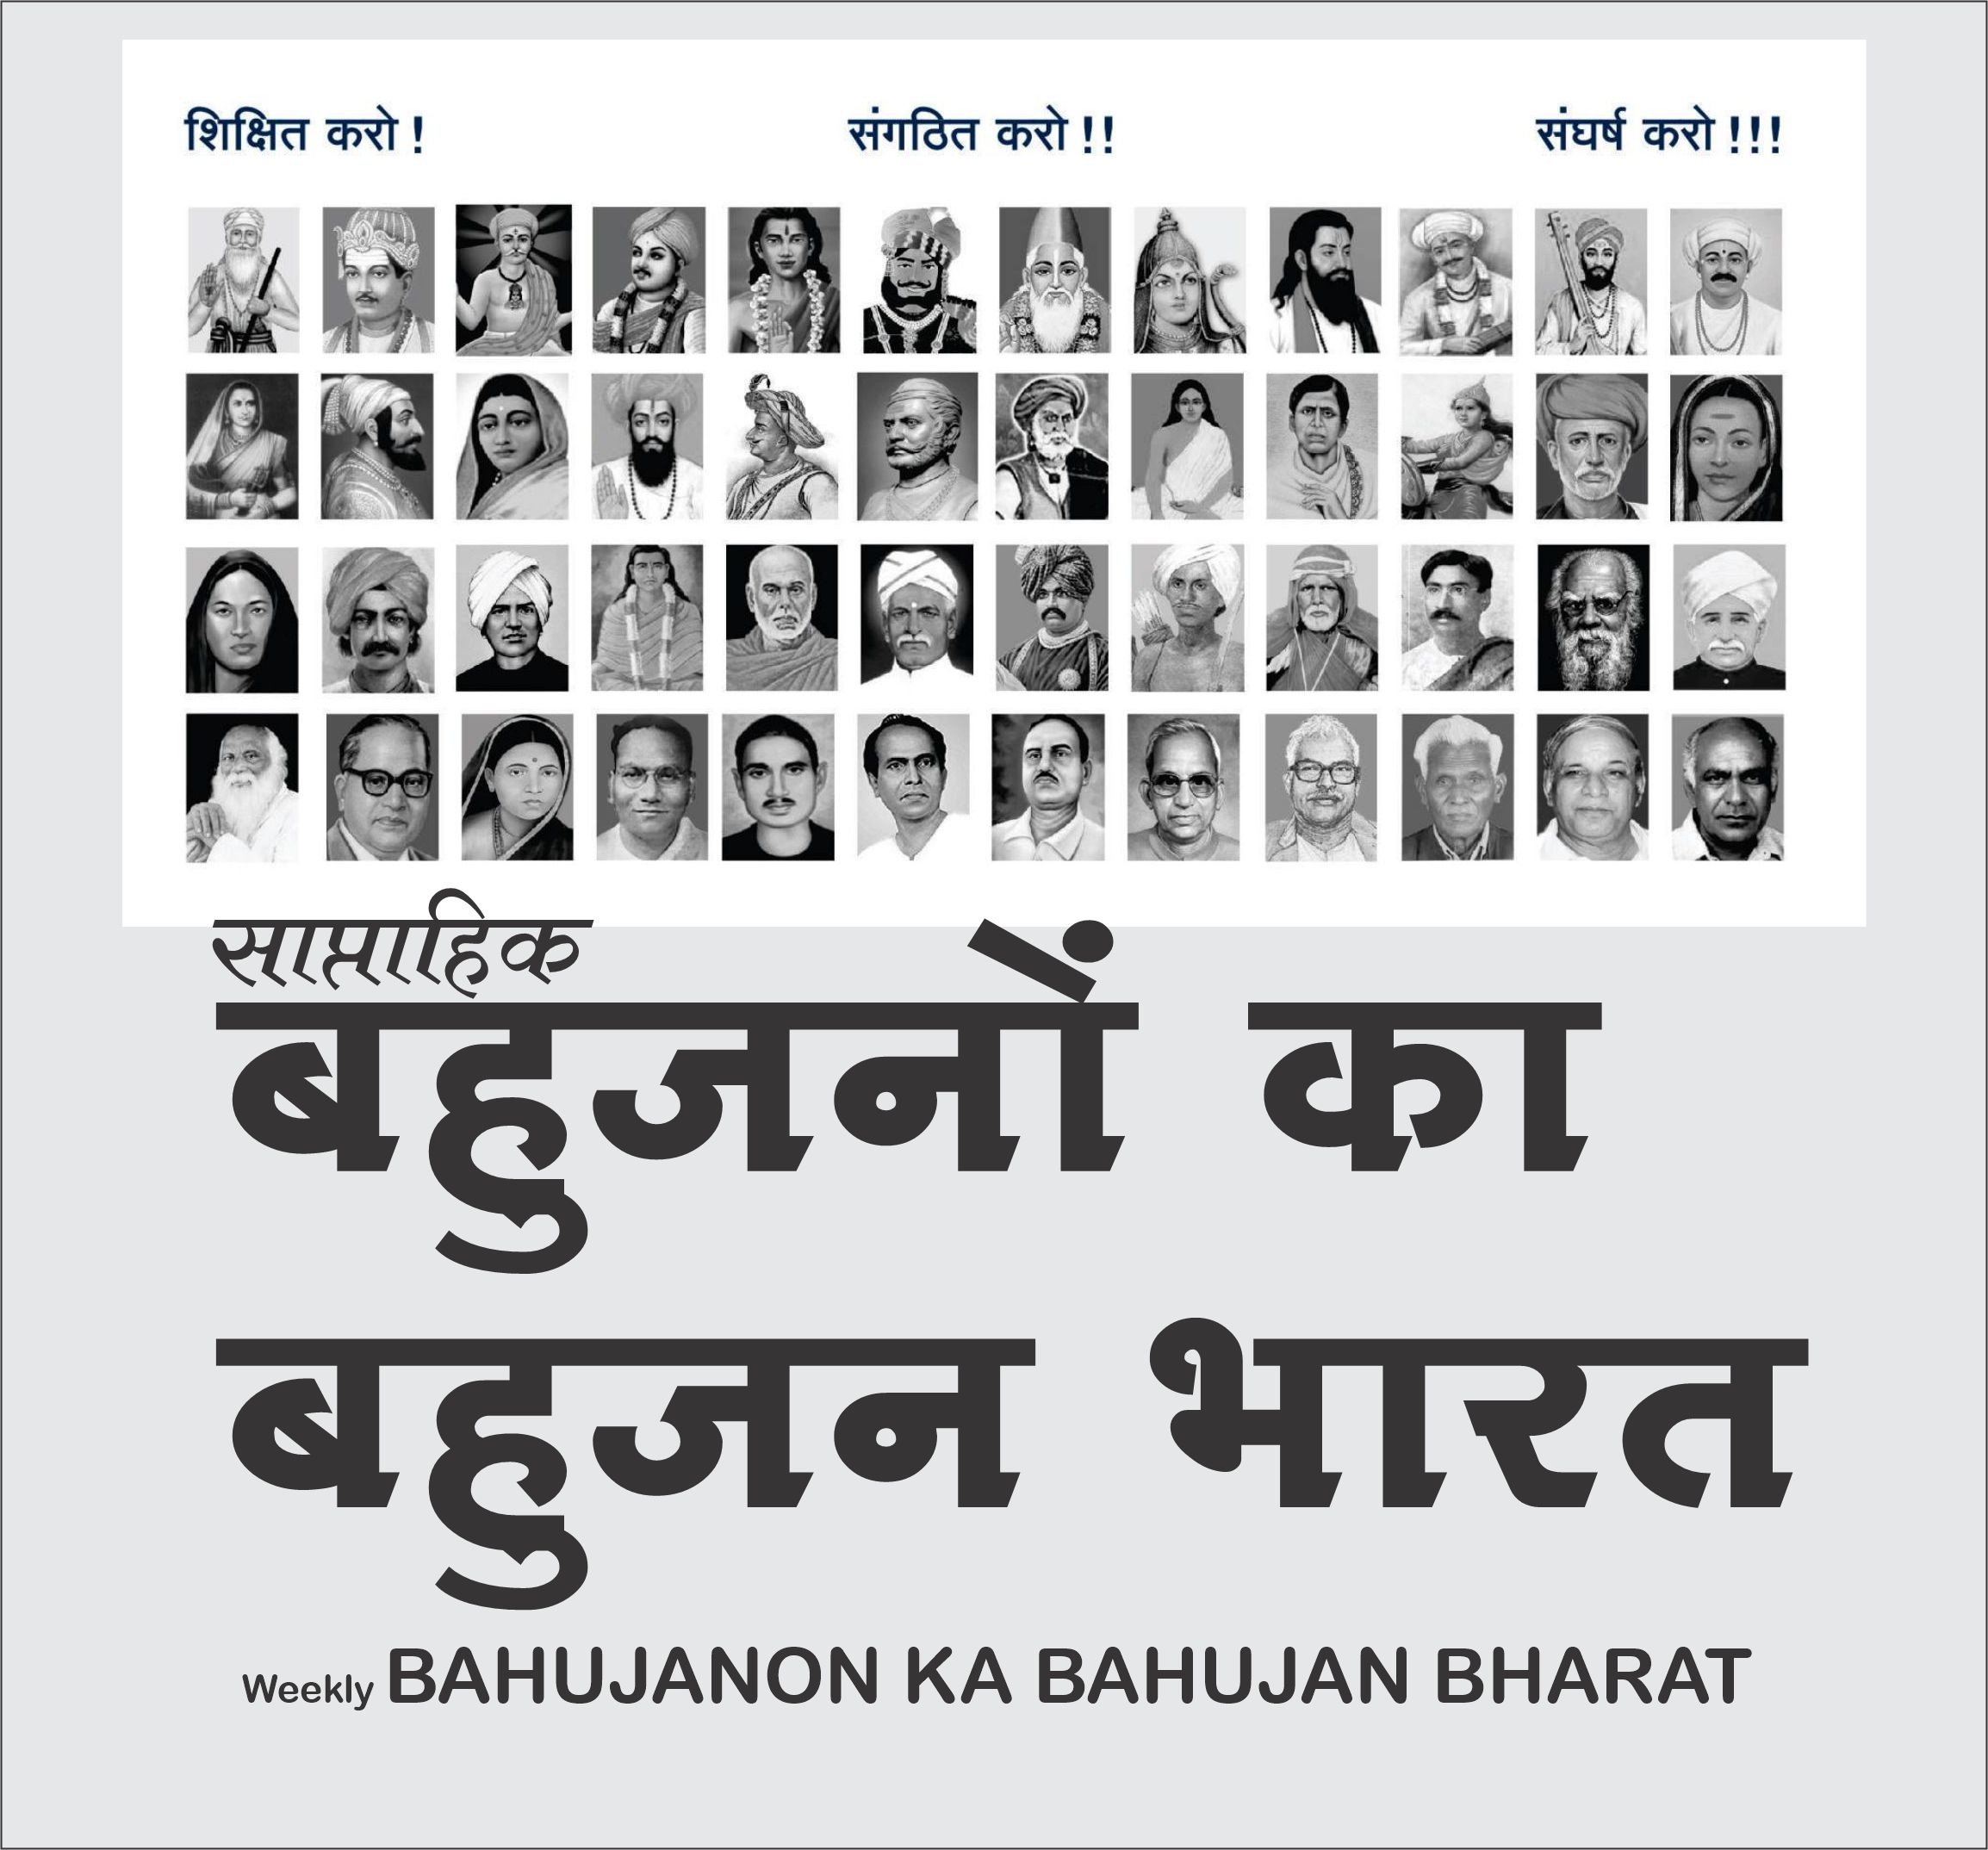 Bahujano ka Bahujan Bharat – Weekly 25 Jan. to 30 Jan. 2021